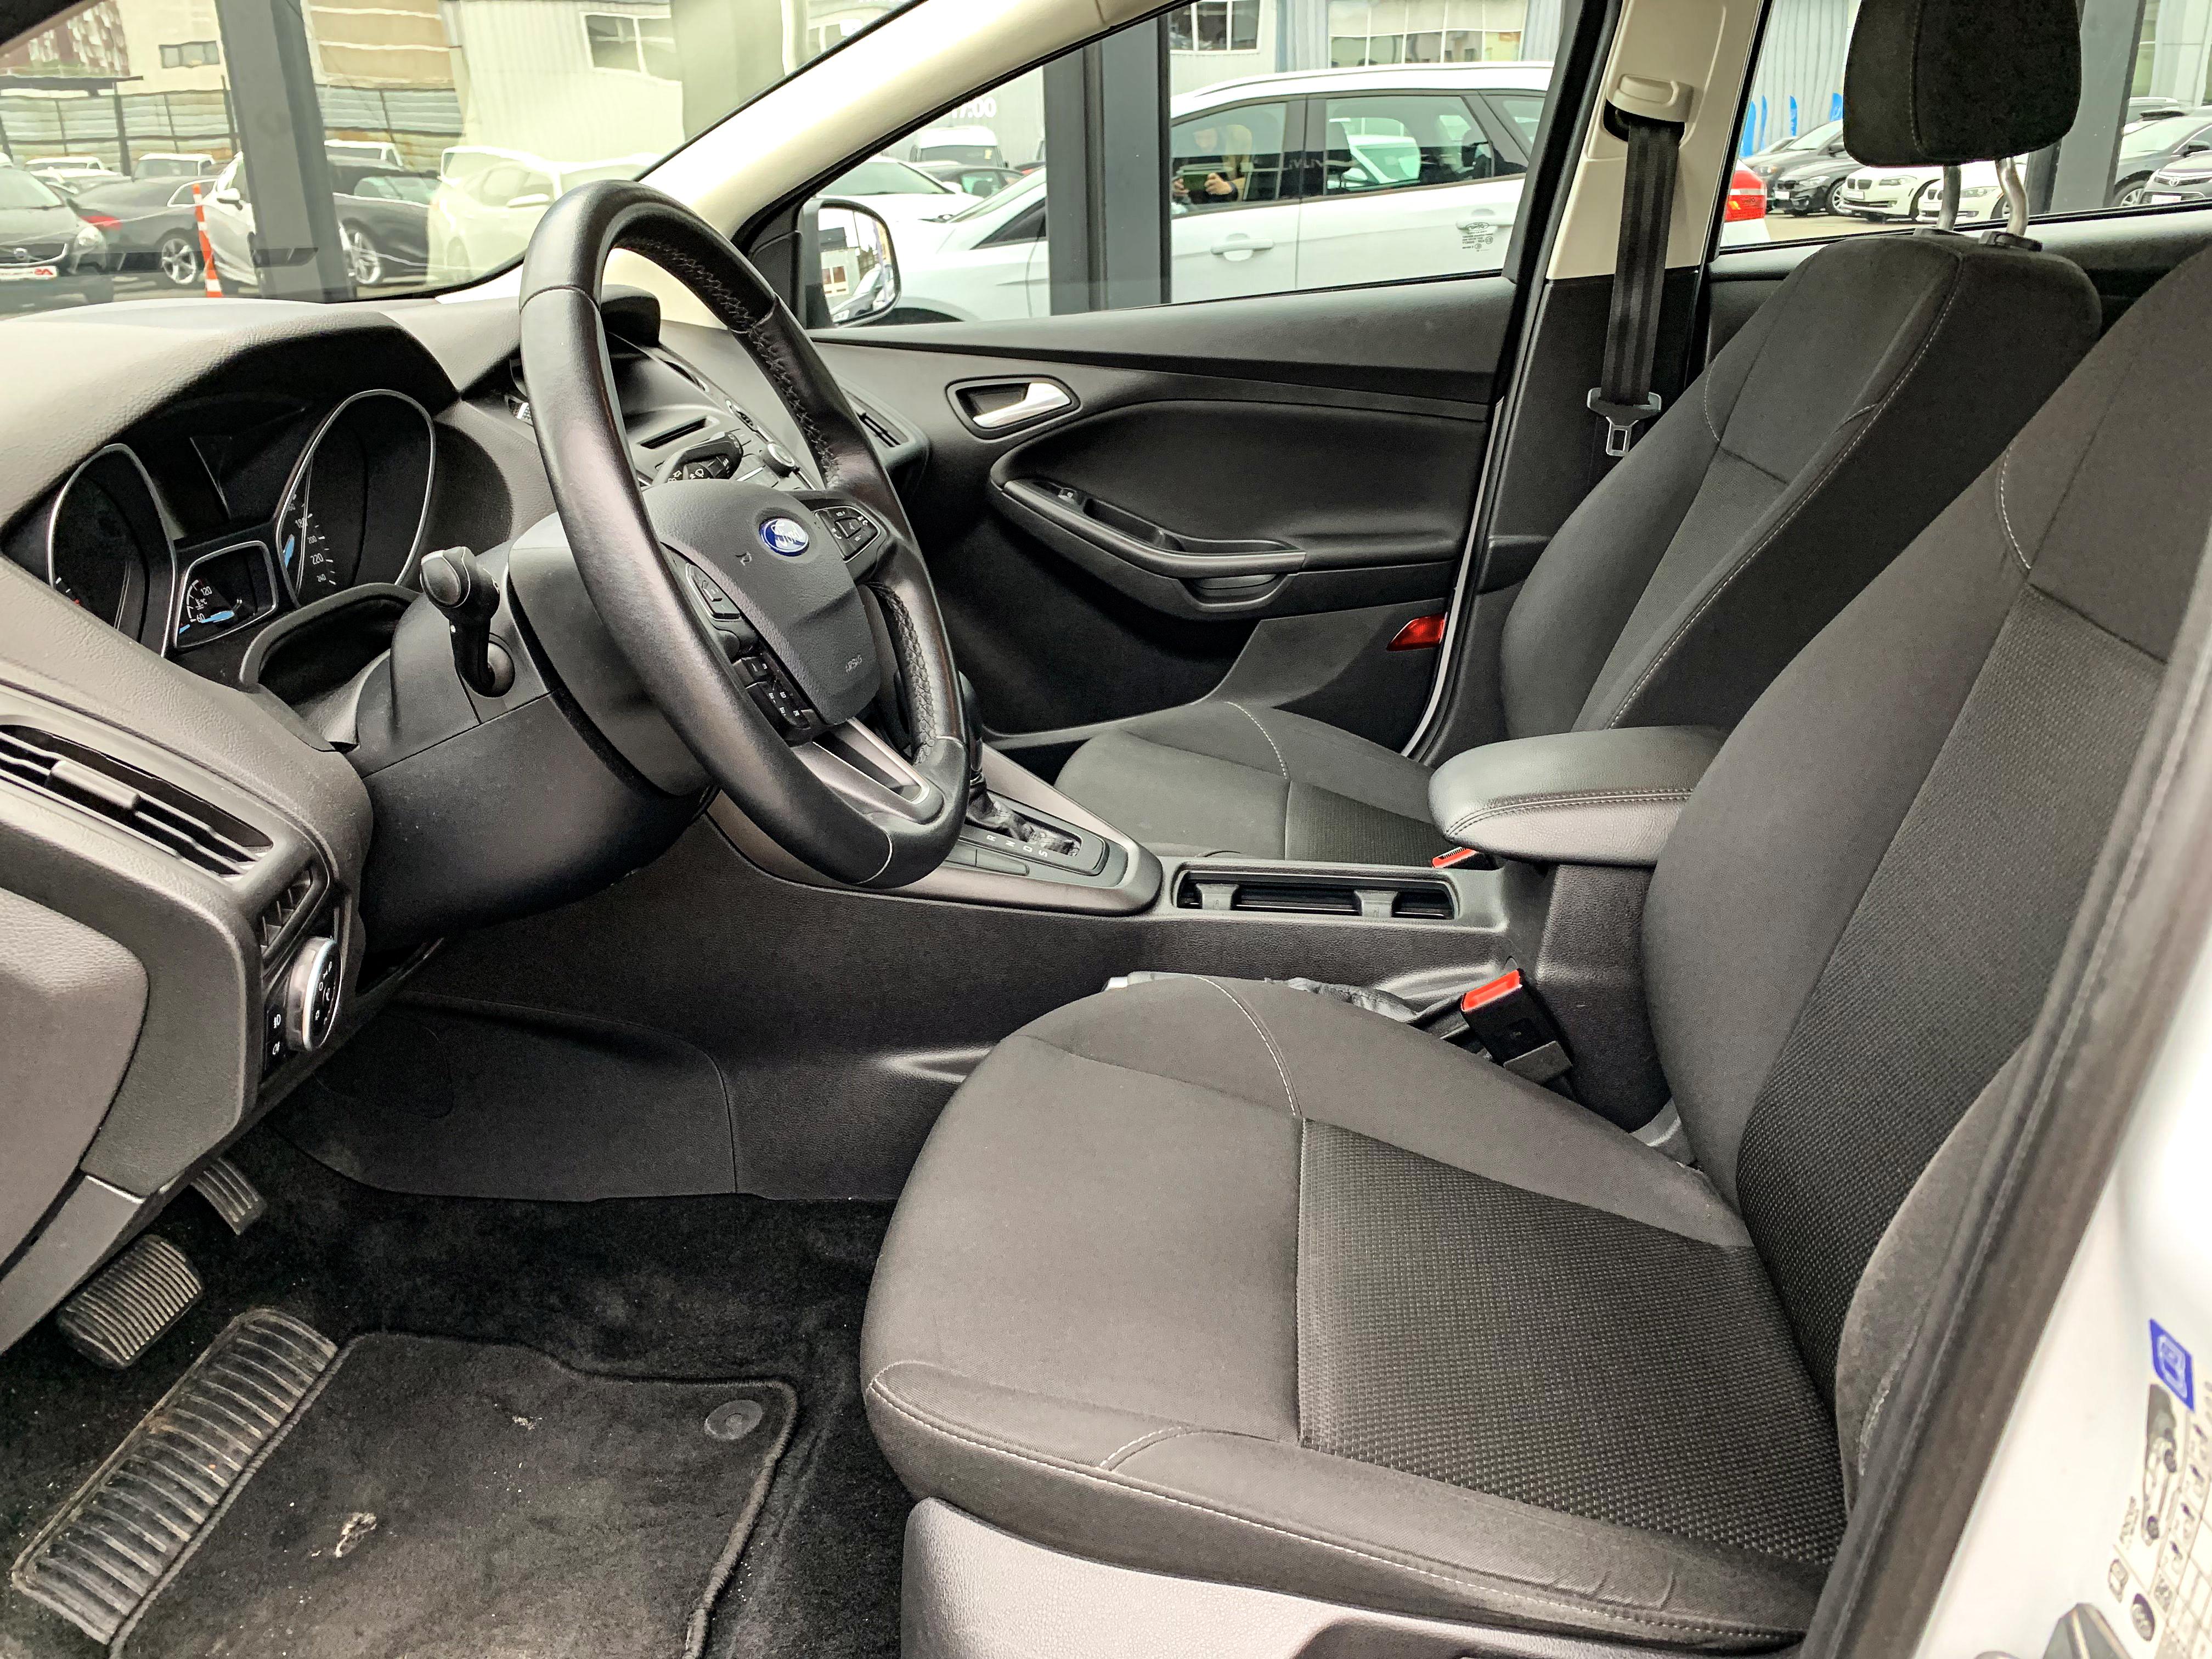 2016 Ford FOCUS   Vin: WF06XXGCC6GR66781